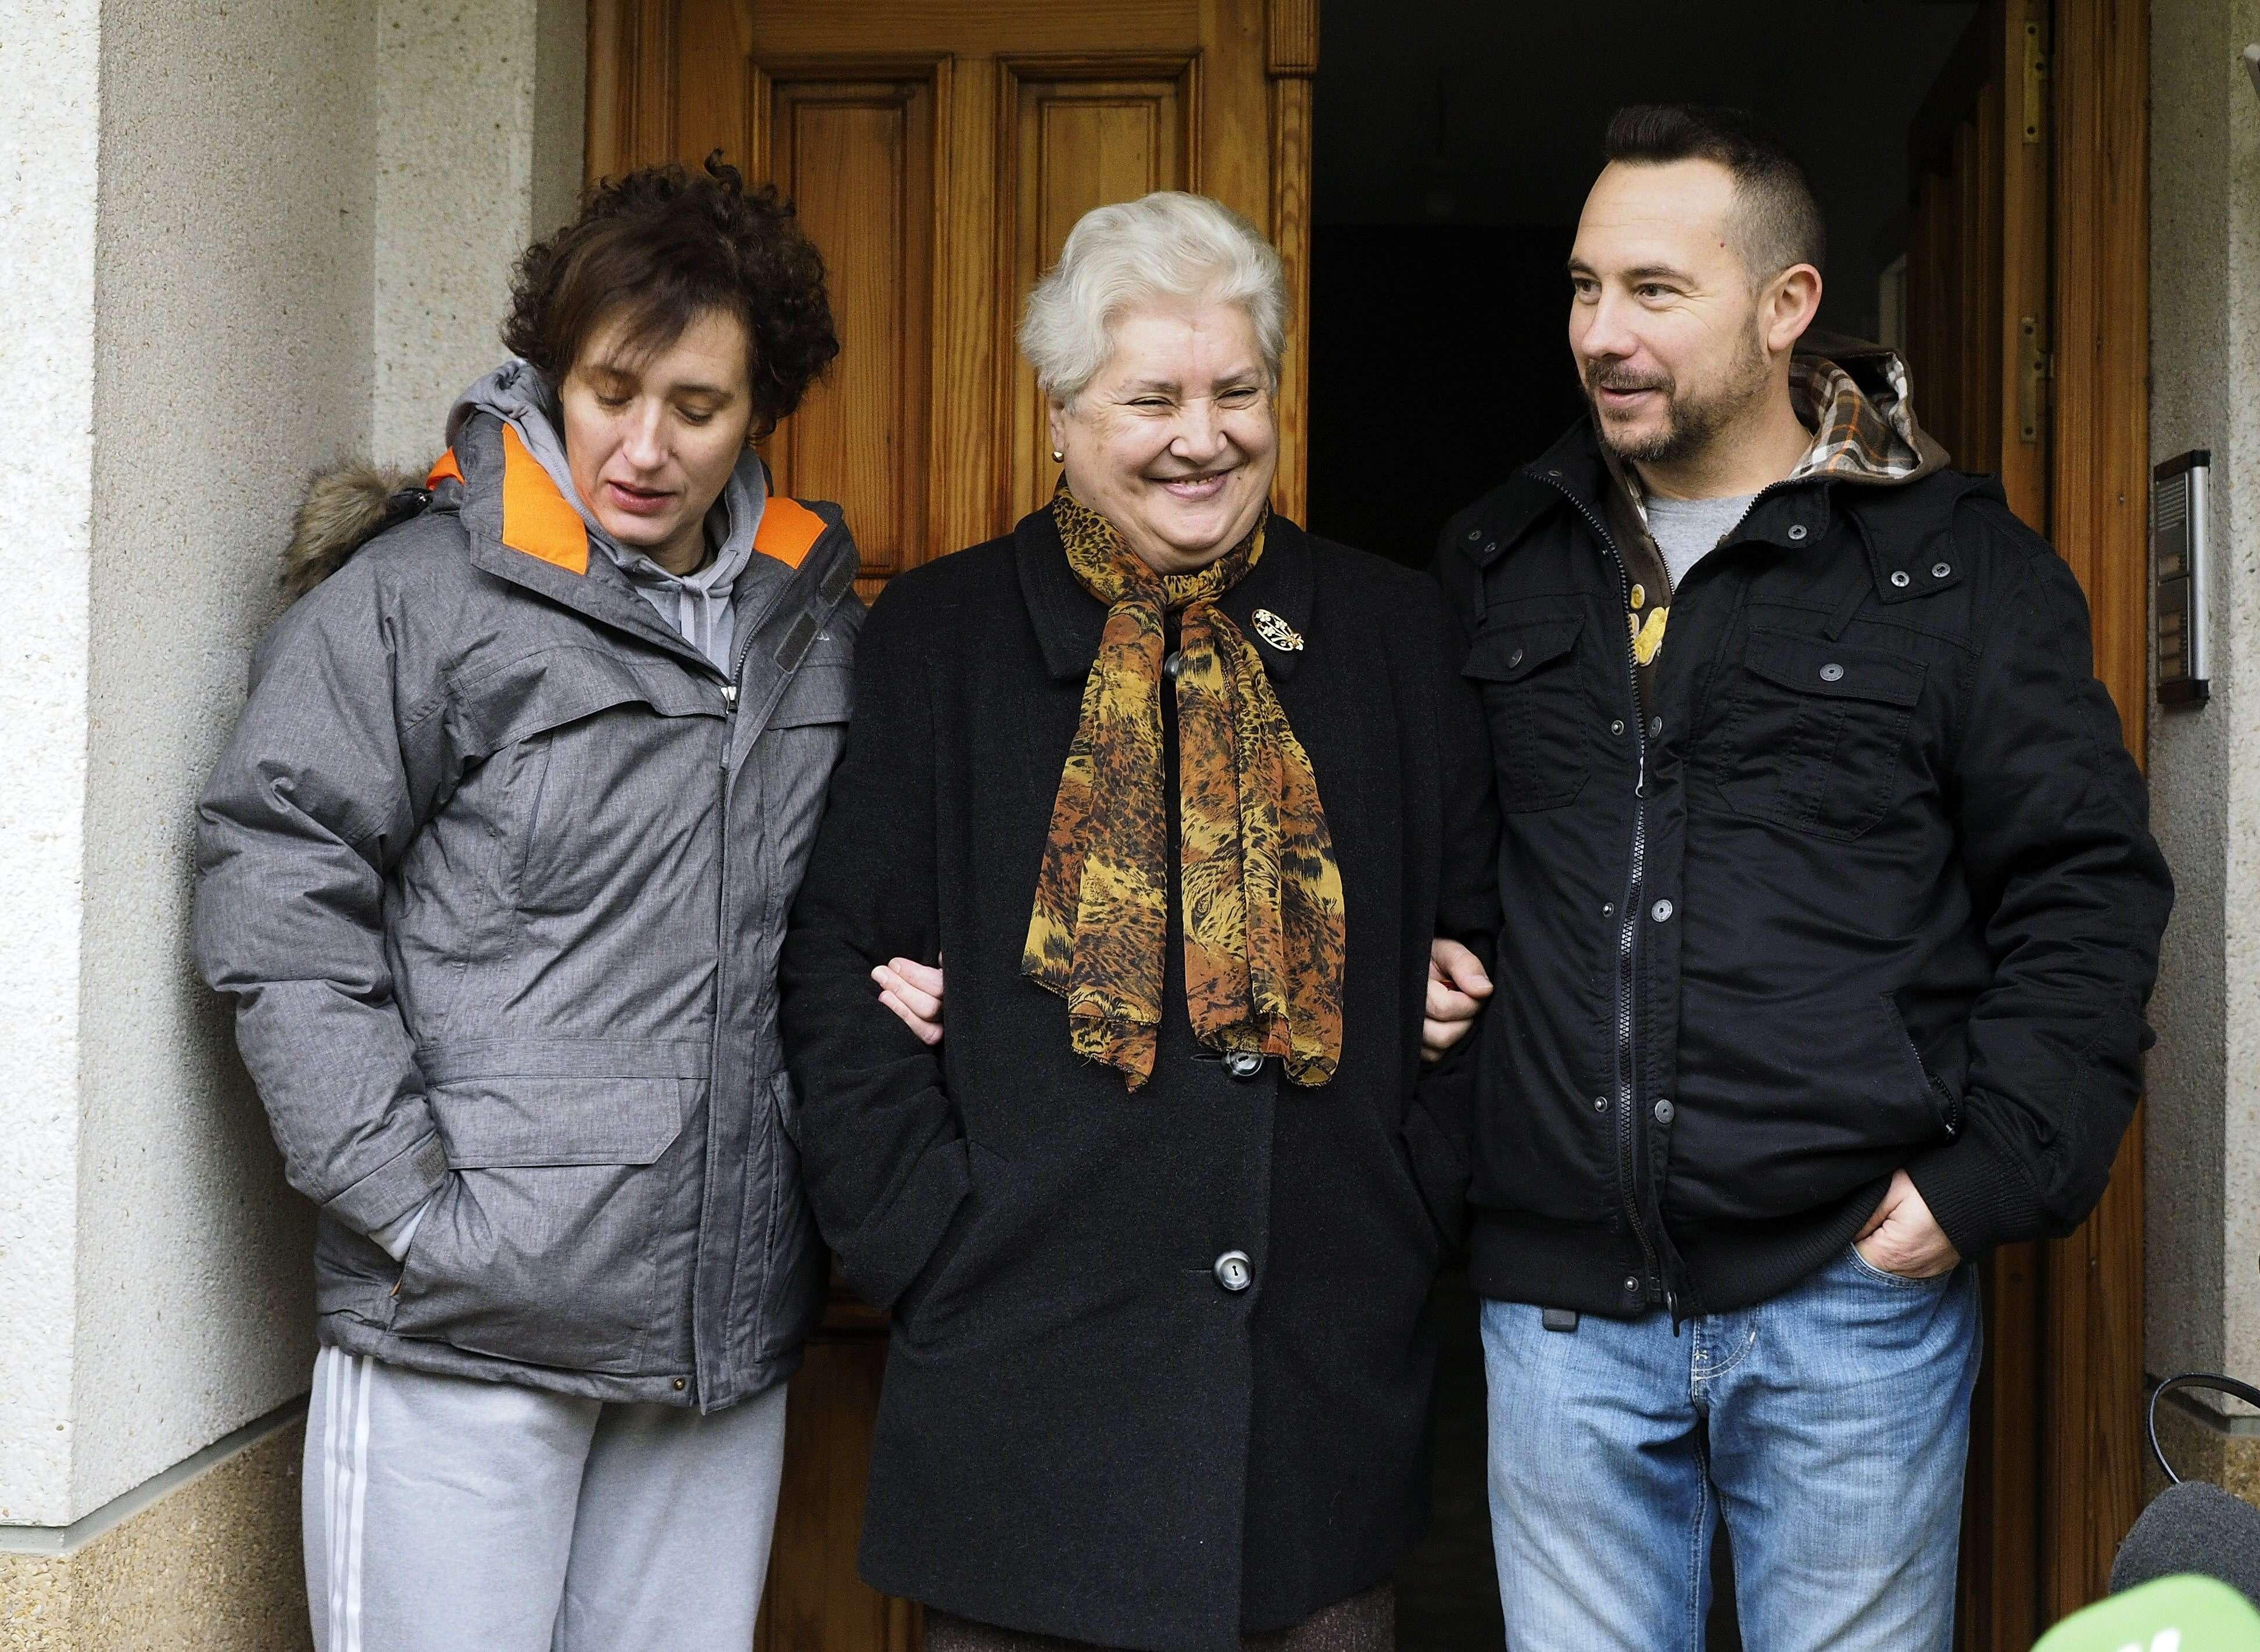 La auxiliar de enfermería Teresa Romero (i), junto a su marido, Javier Limón, y su madre, Jesusa Ramos (c). Foto: EFE en español